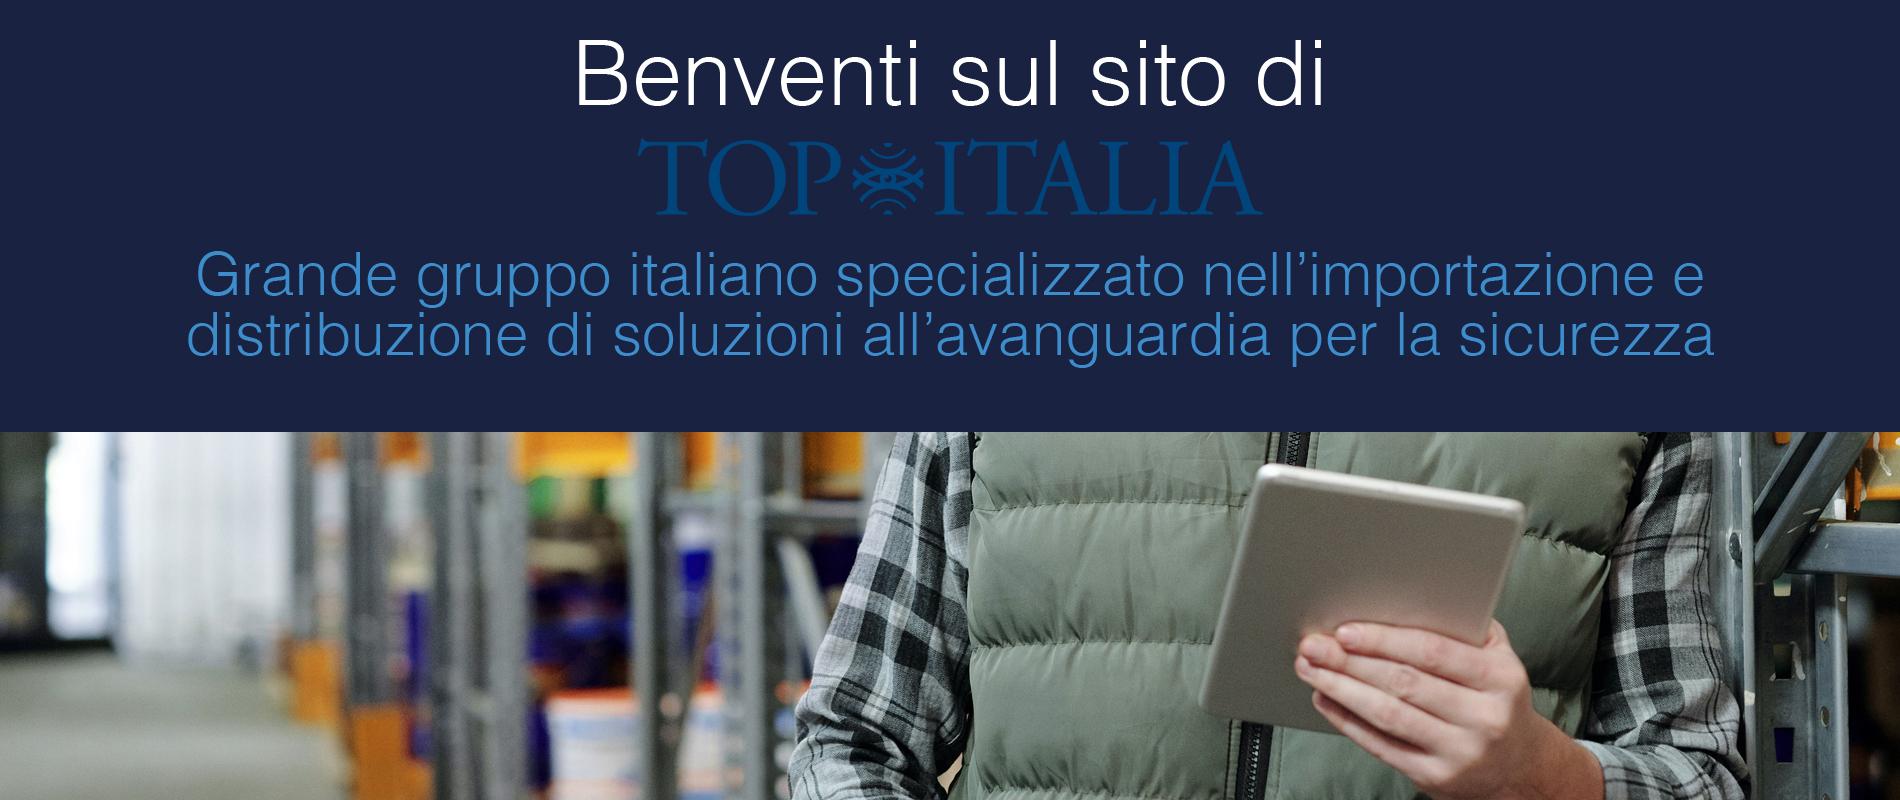 benvenuti sul sito di Top Italia